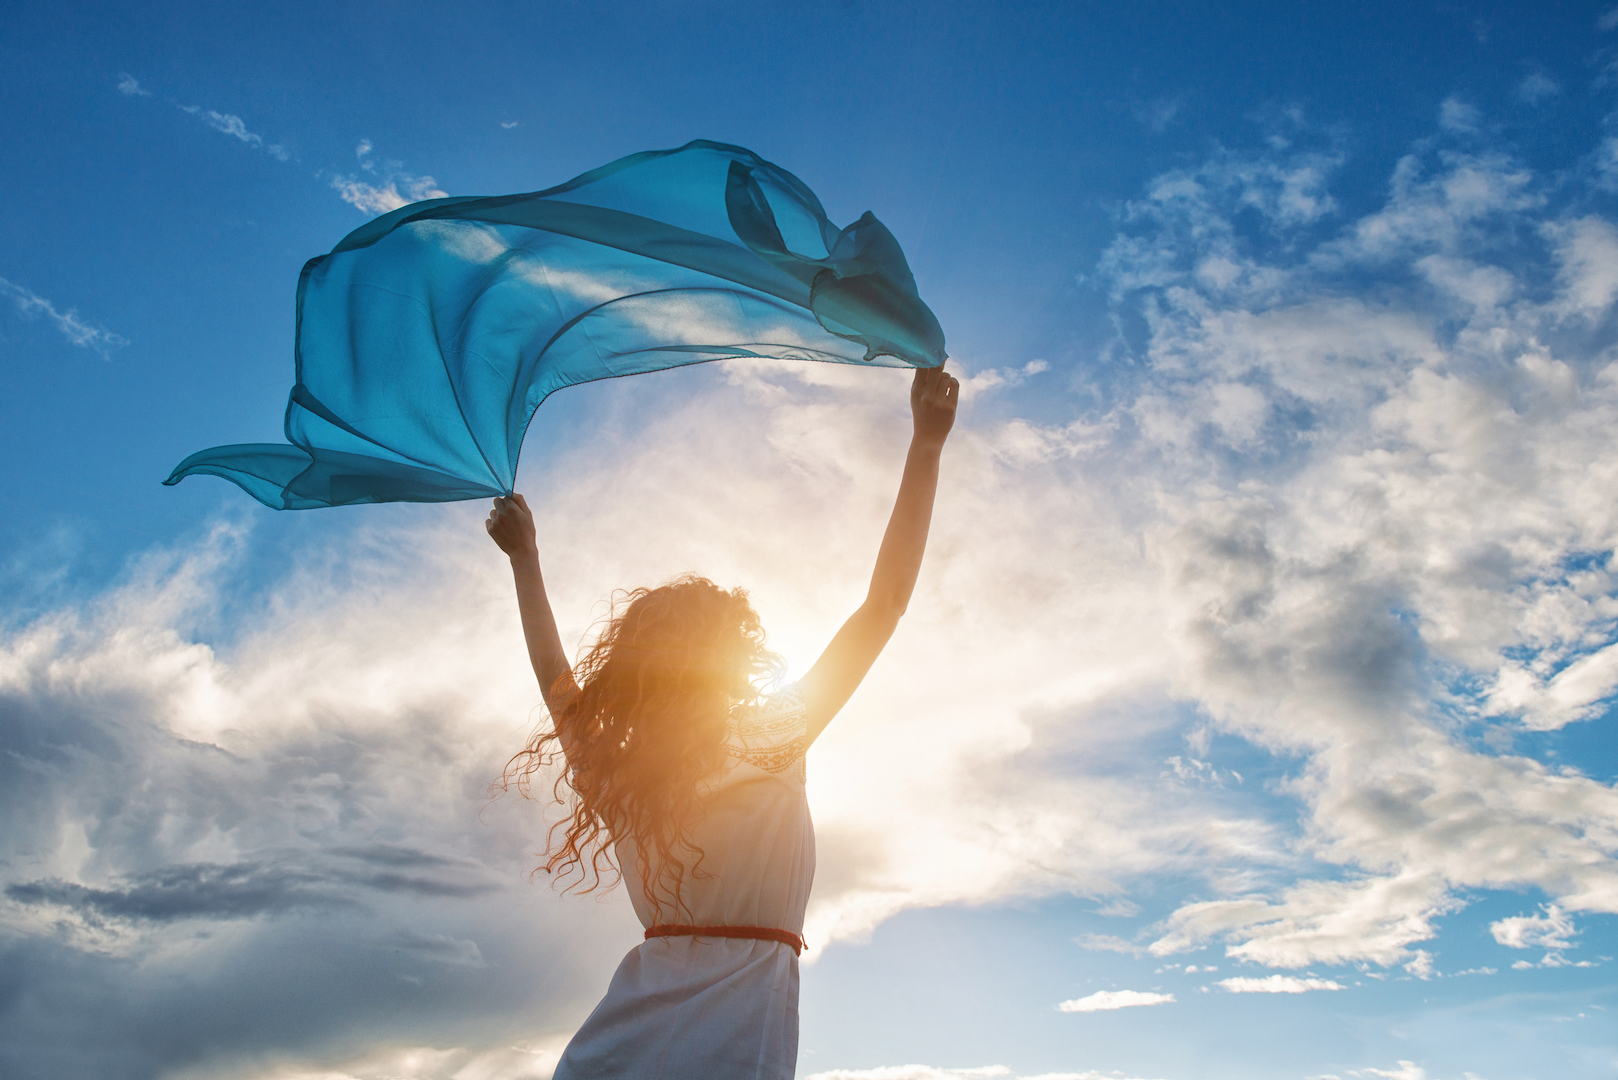 woman sky scarf